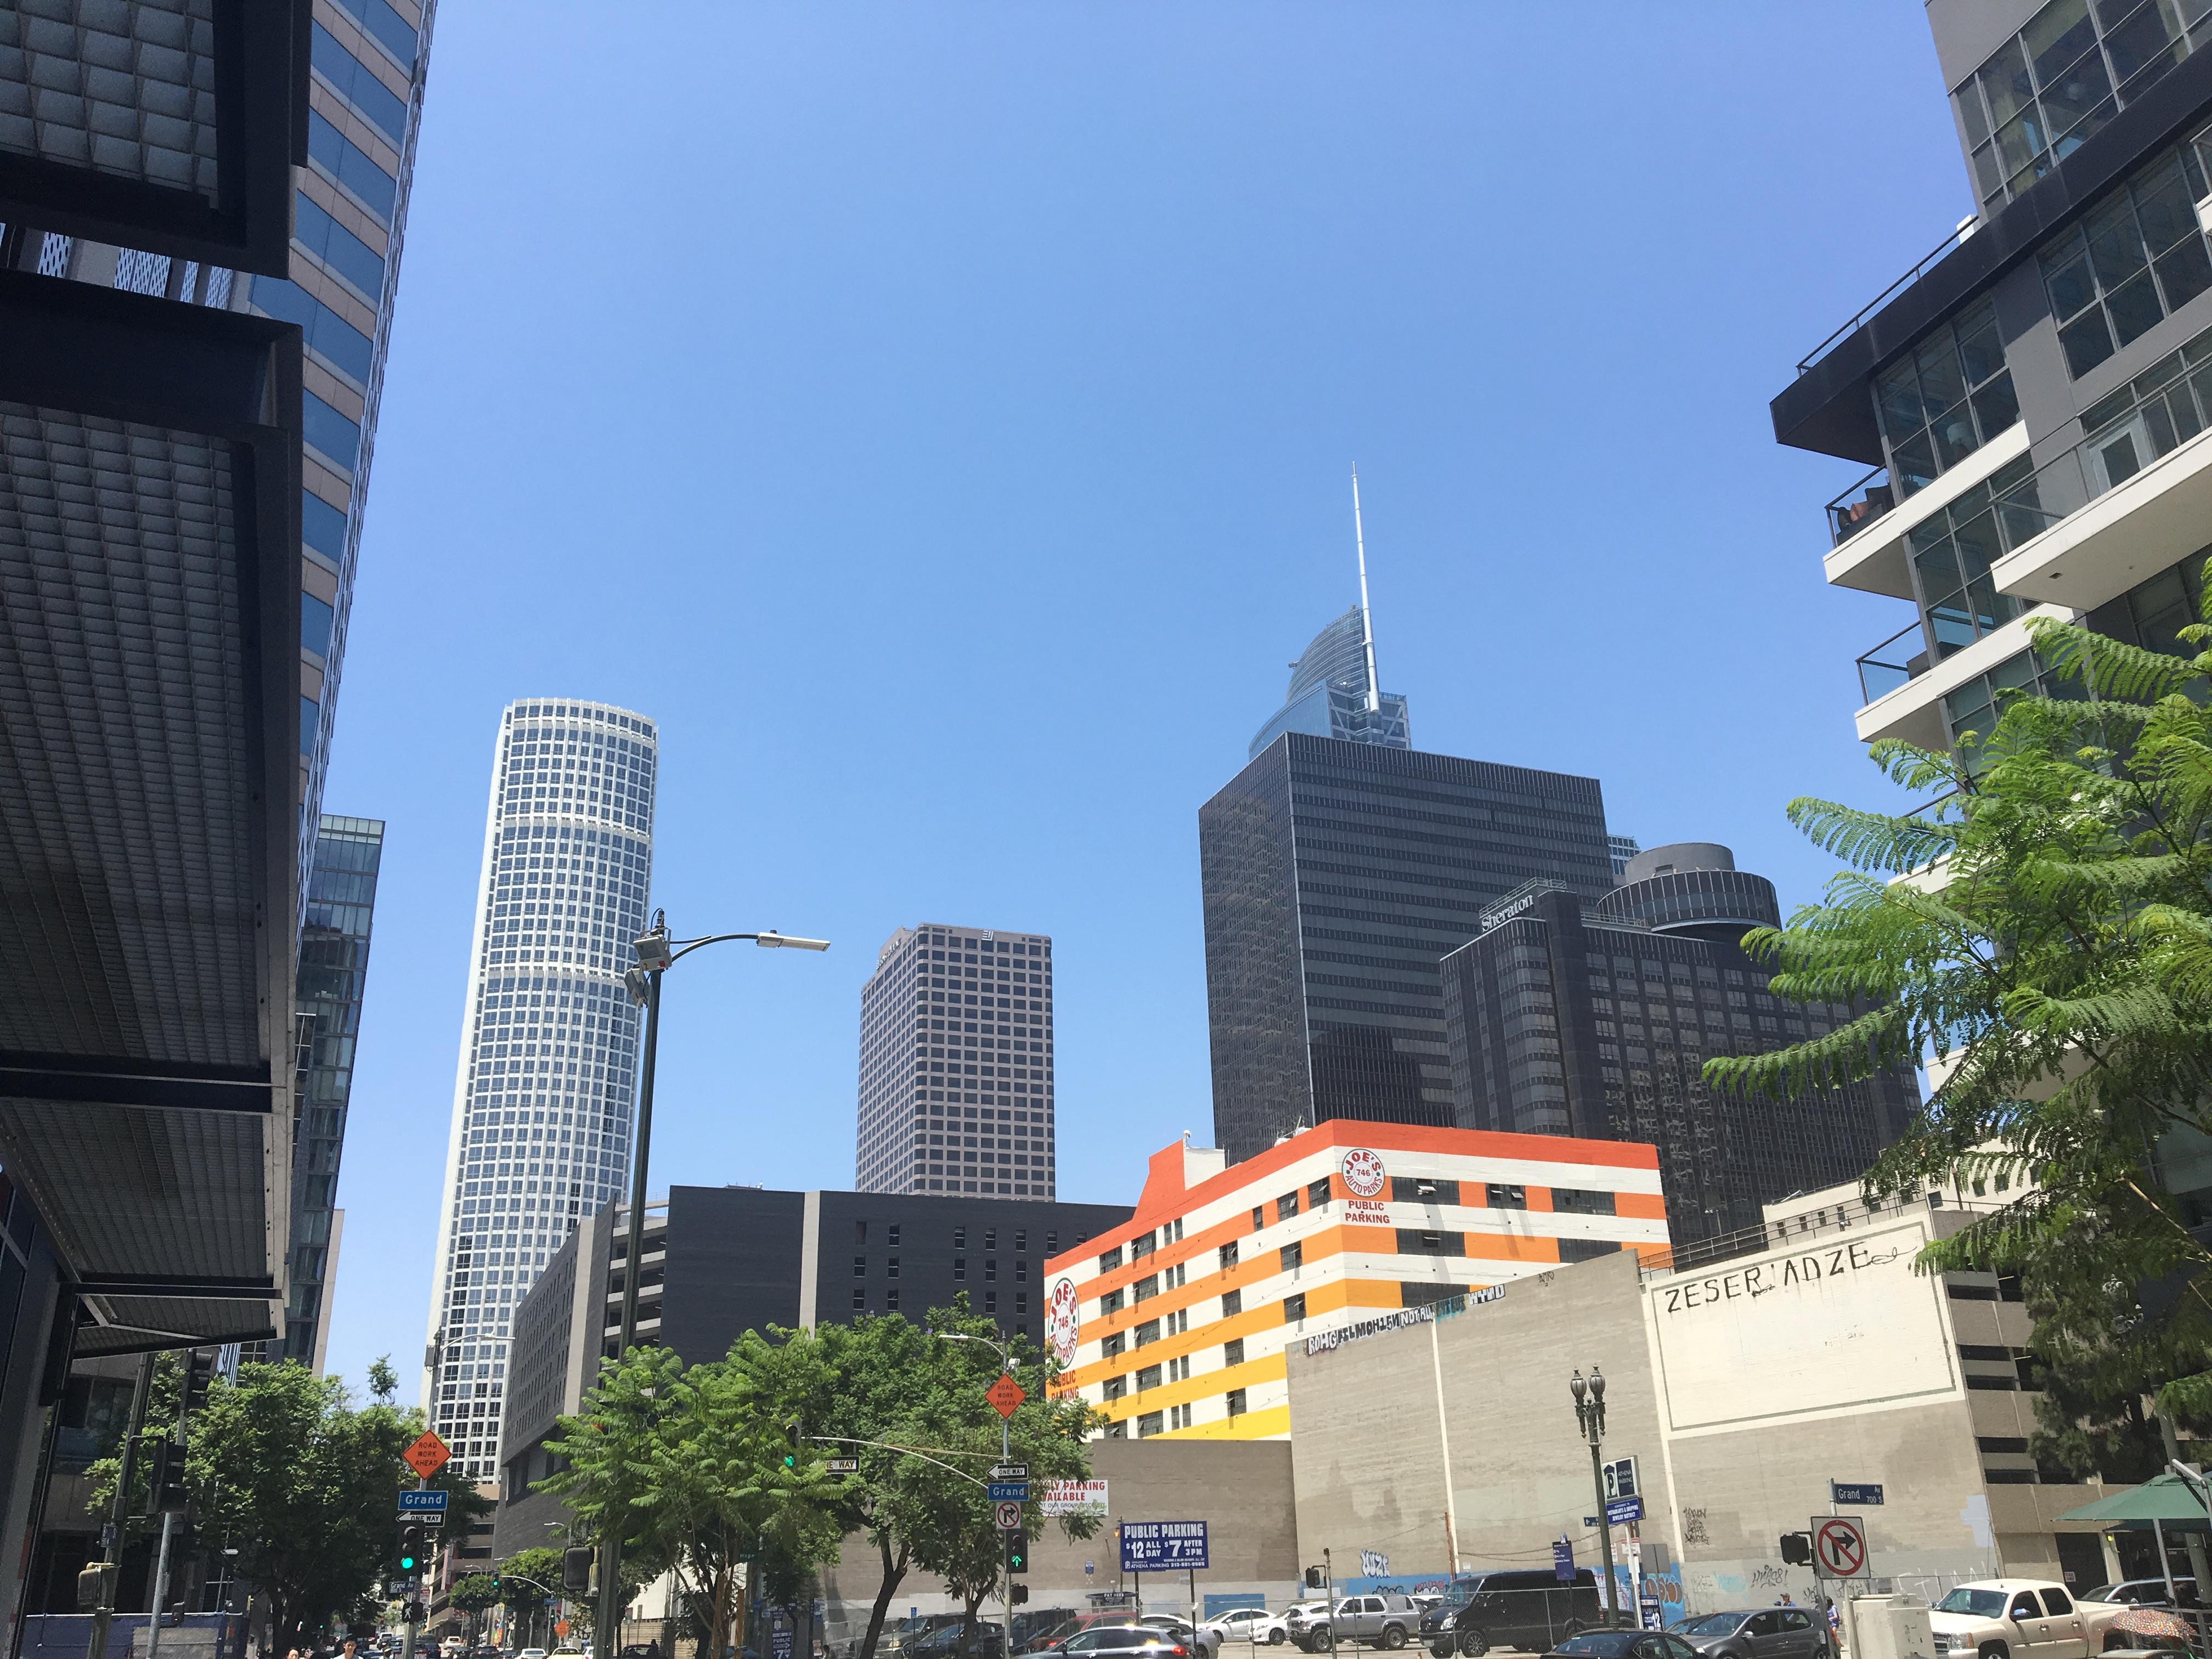 Los Angeles, skrzyżowanie W 8th St i S Grand Ave